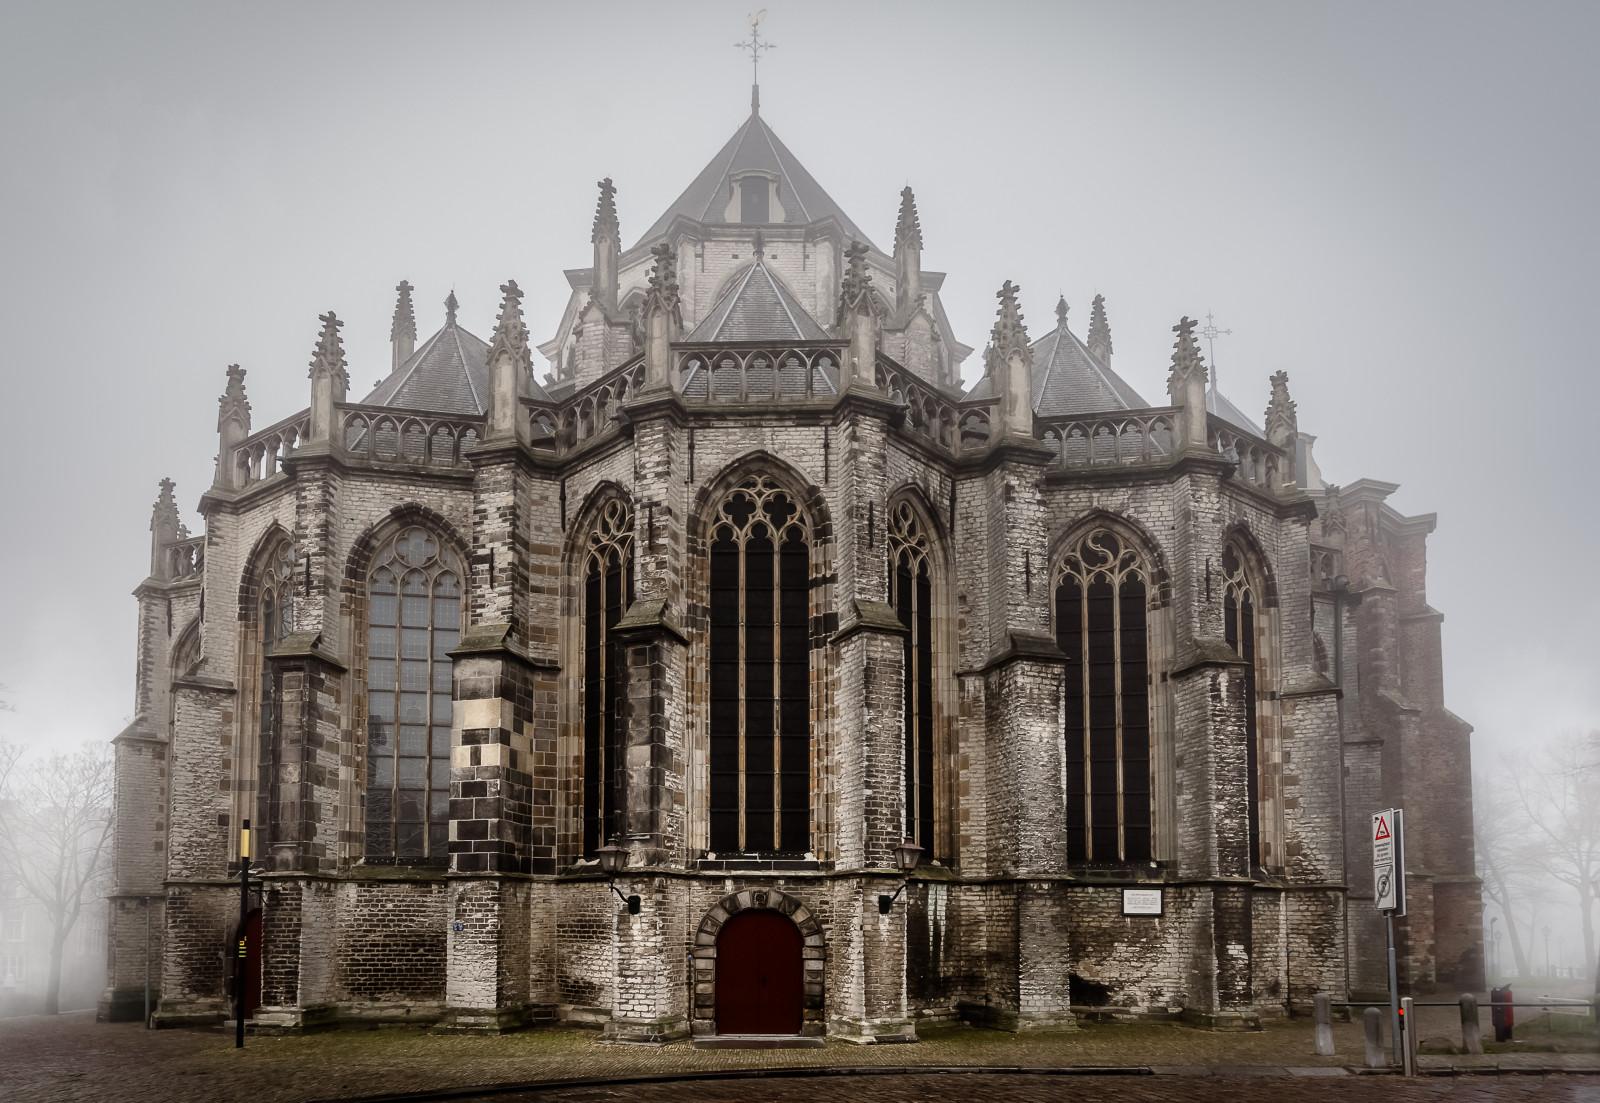 Hintergrundbilder stadt die architektur geb ude - Architektur gotik ...